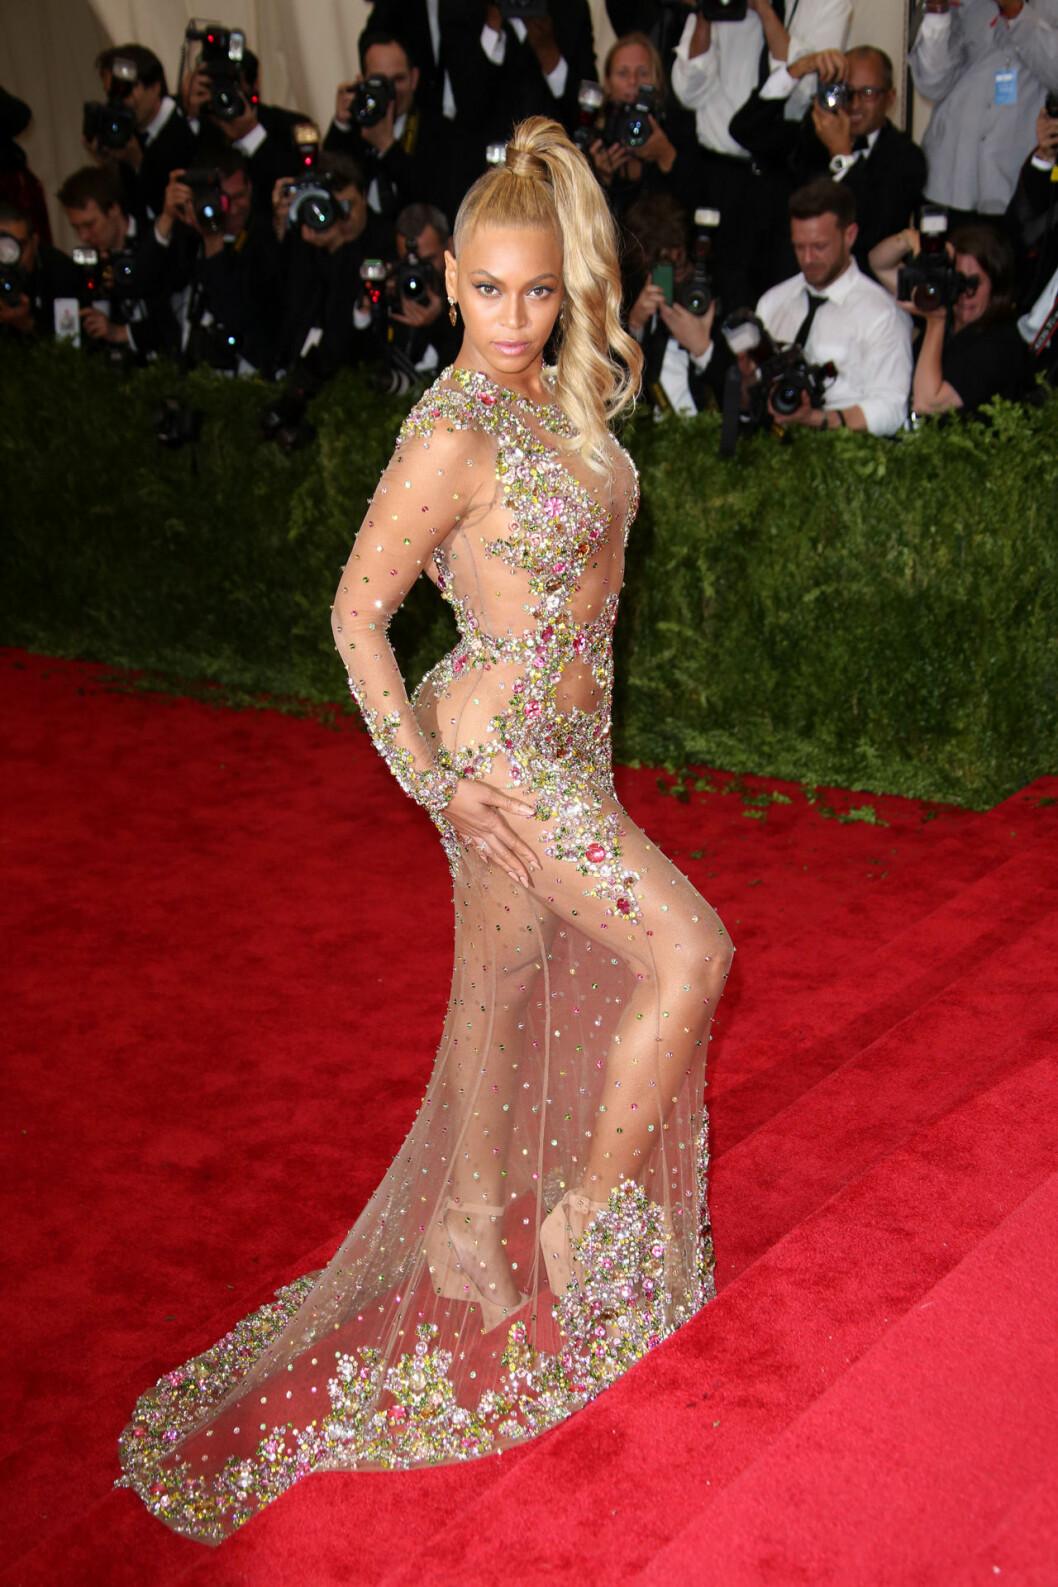 Beyonce i avslöjande klänning